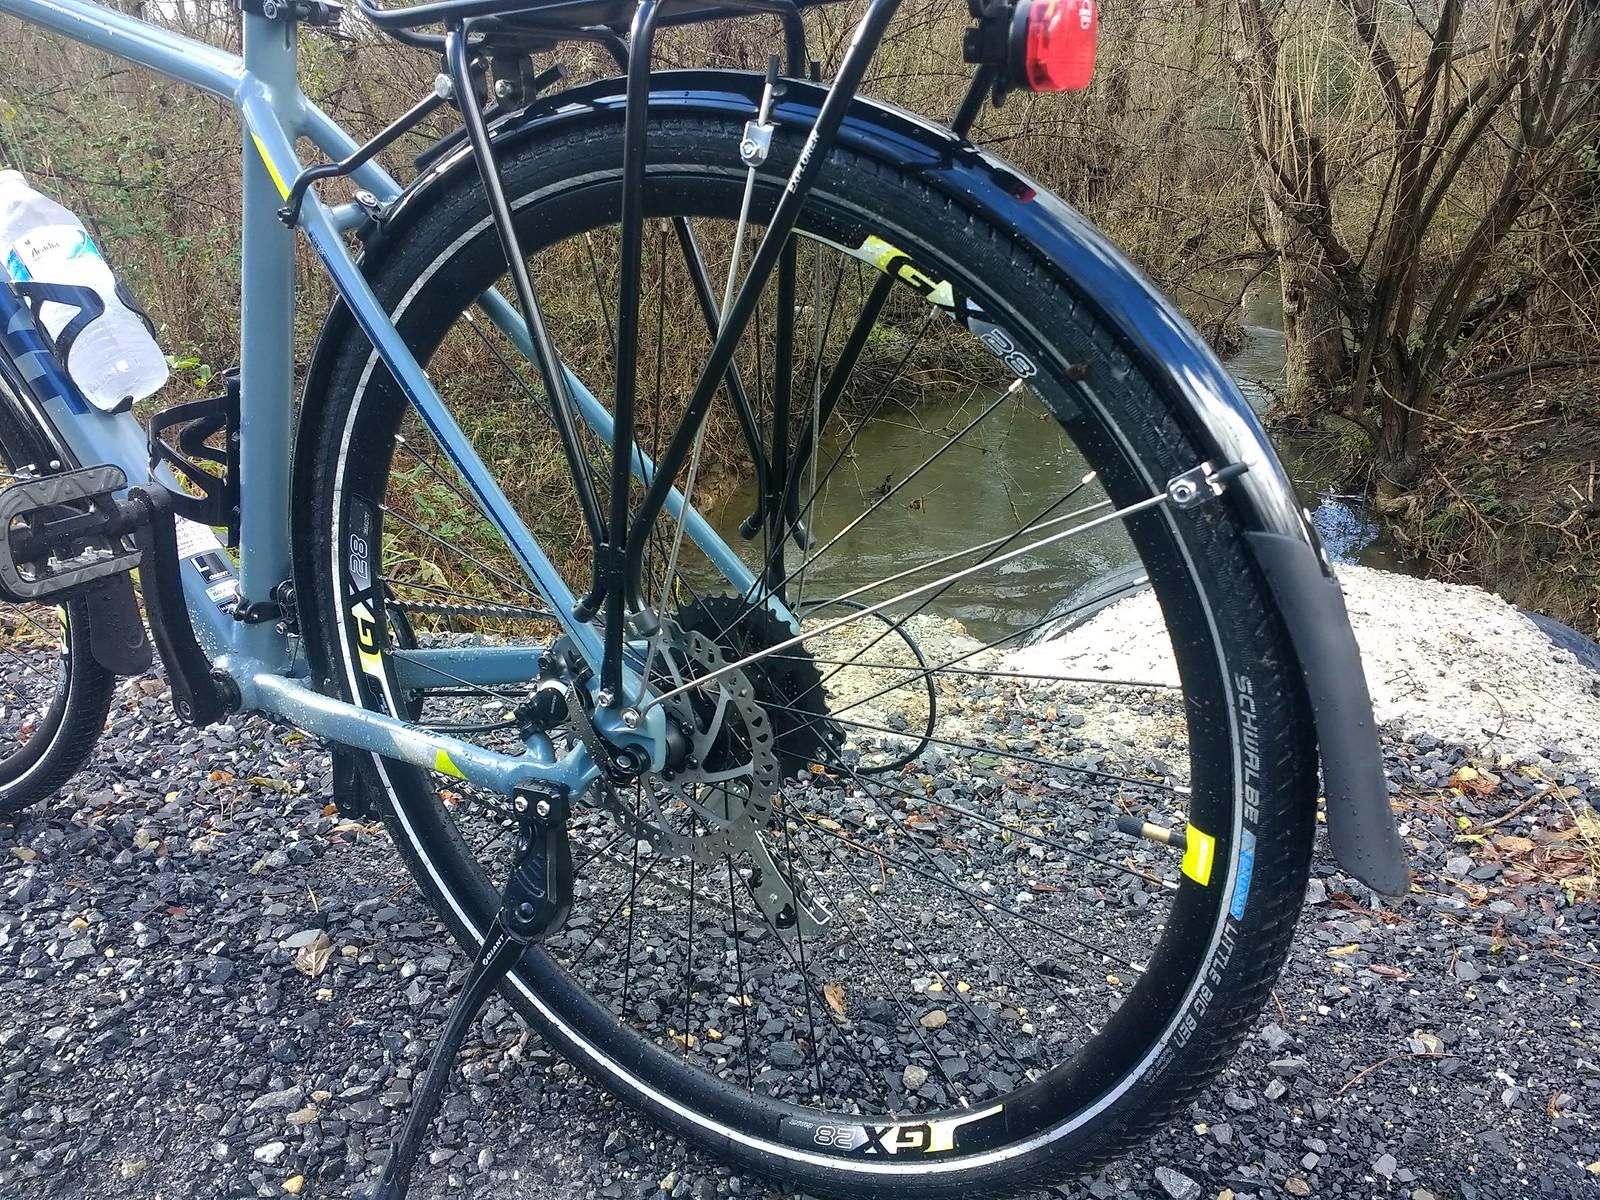 topeak bike rack on crosstrail bike